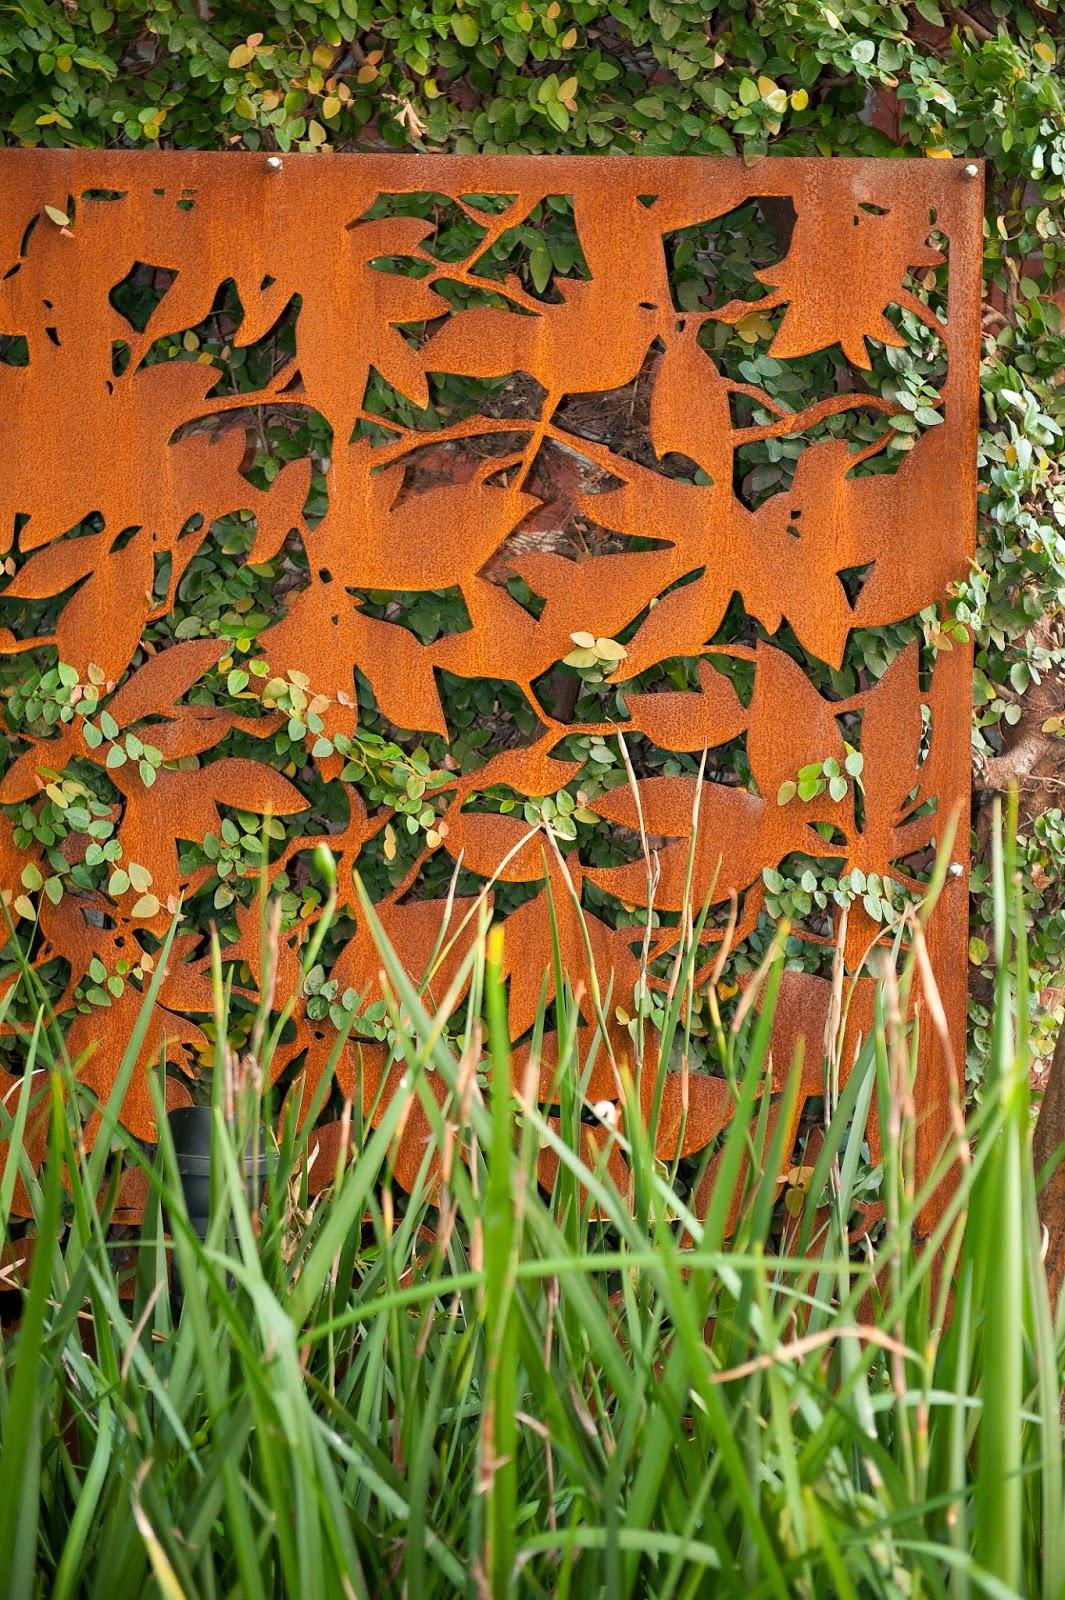 Layering Three 39 S A Charm Jenny Smith Gardens